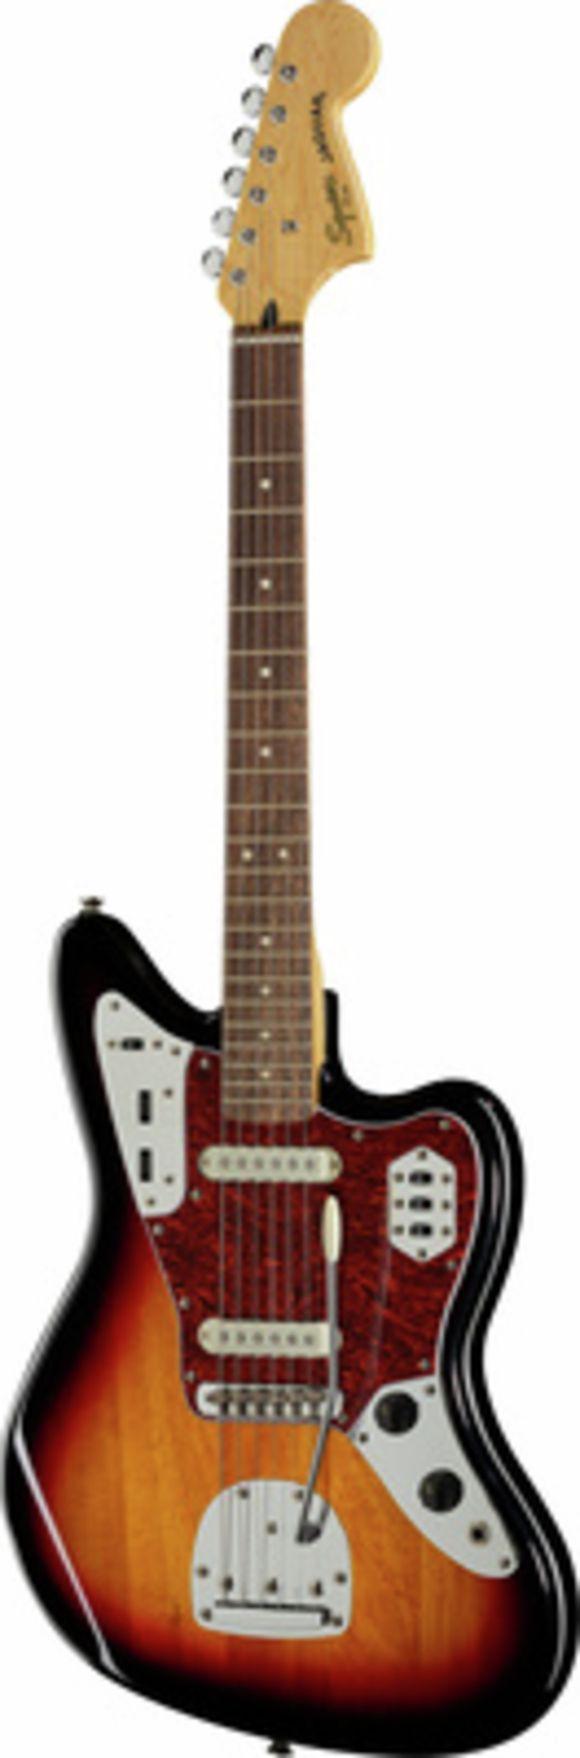 SQ VM Jaguar 3TSB IL Fender